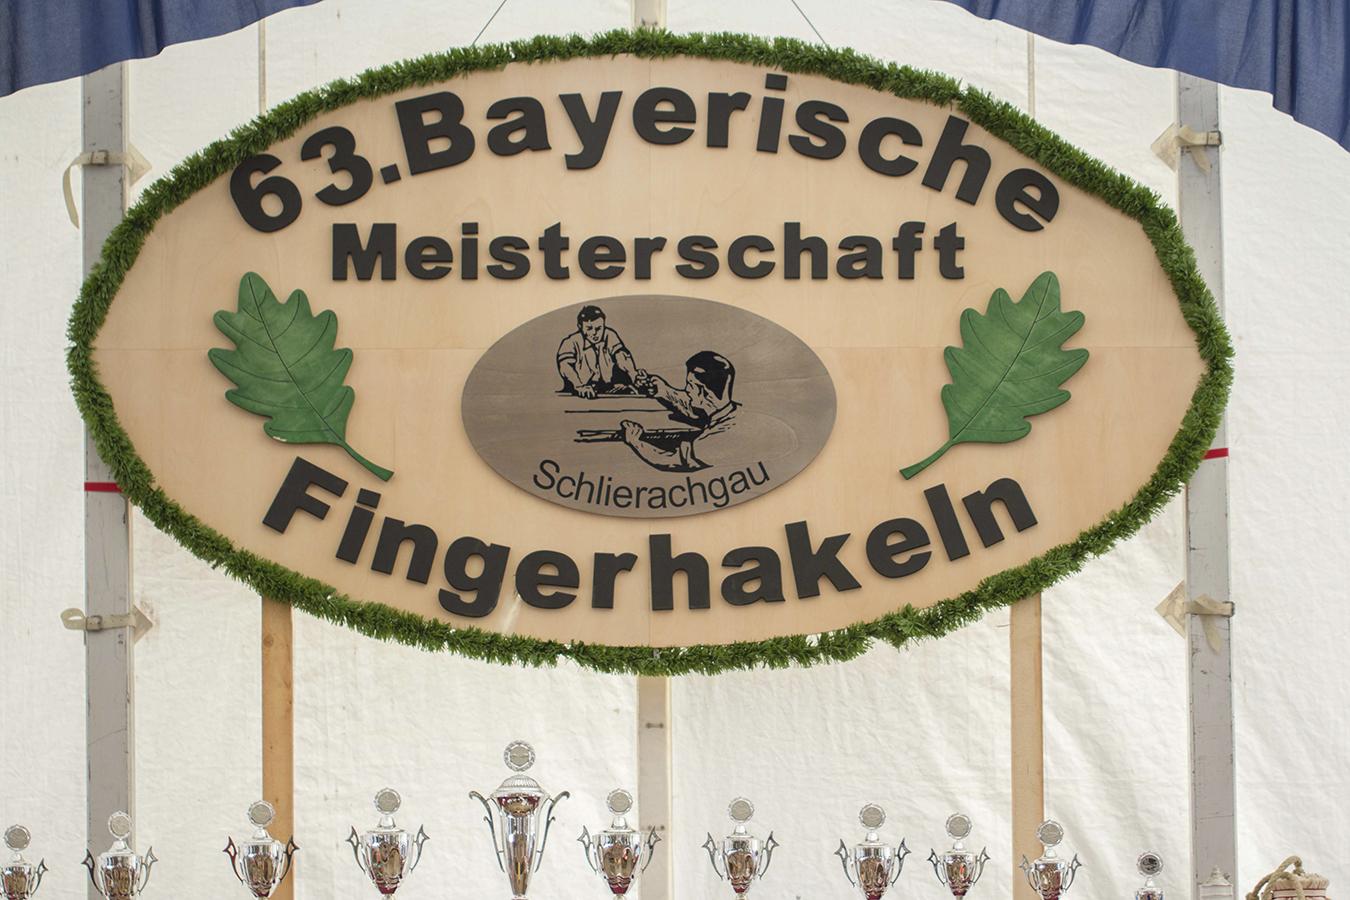 Reichvilser-Katharina_fingerhakeln_1